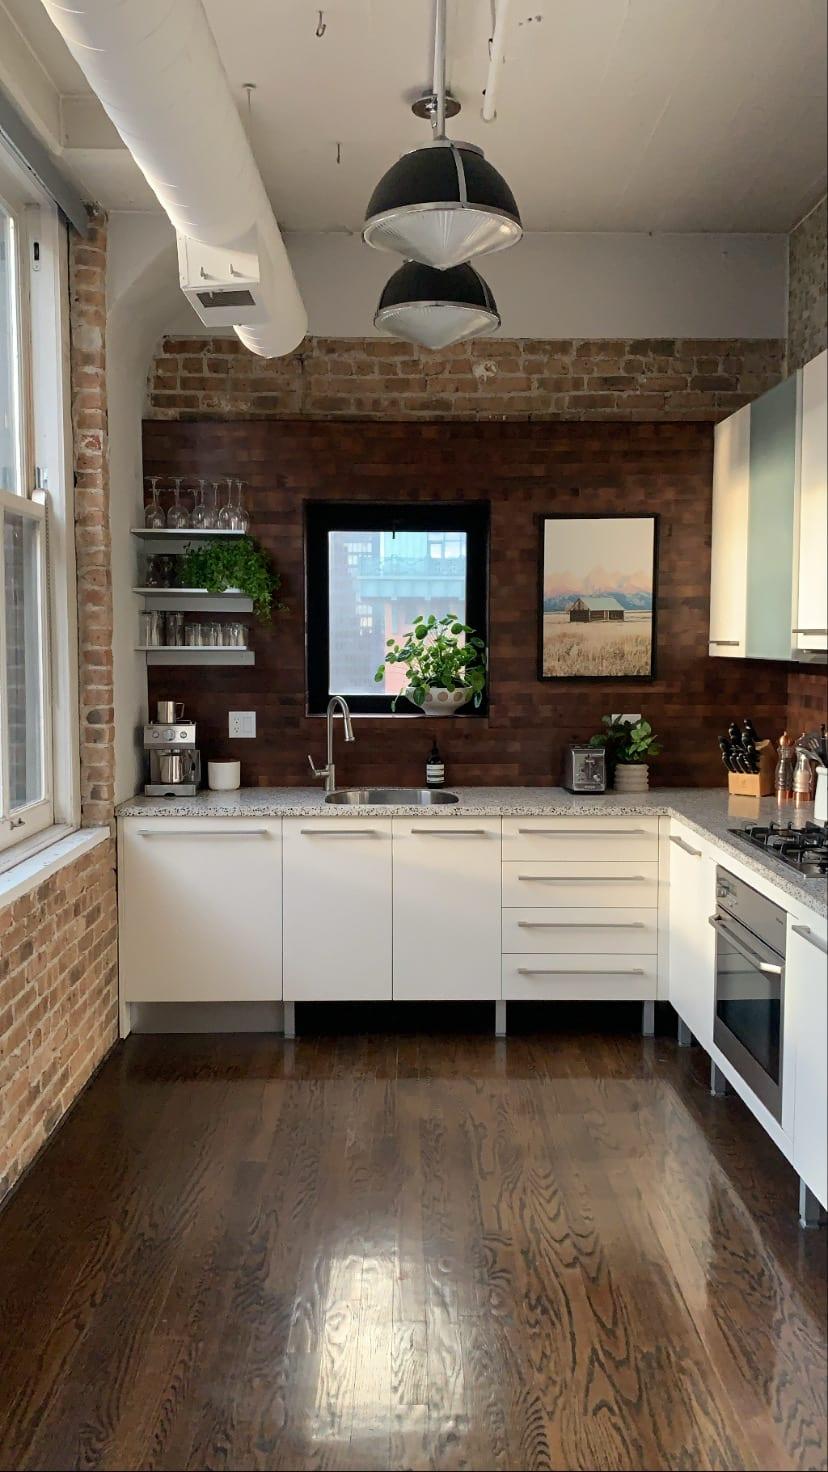 Kyle Schuneman's kitchen backsplash remodel using reclaimed barrel oak peel and stick wood planks over tile.